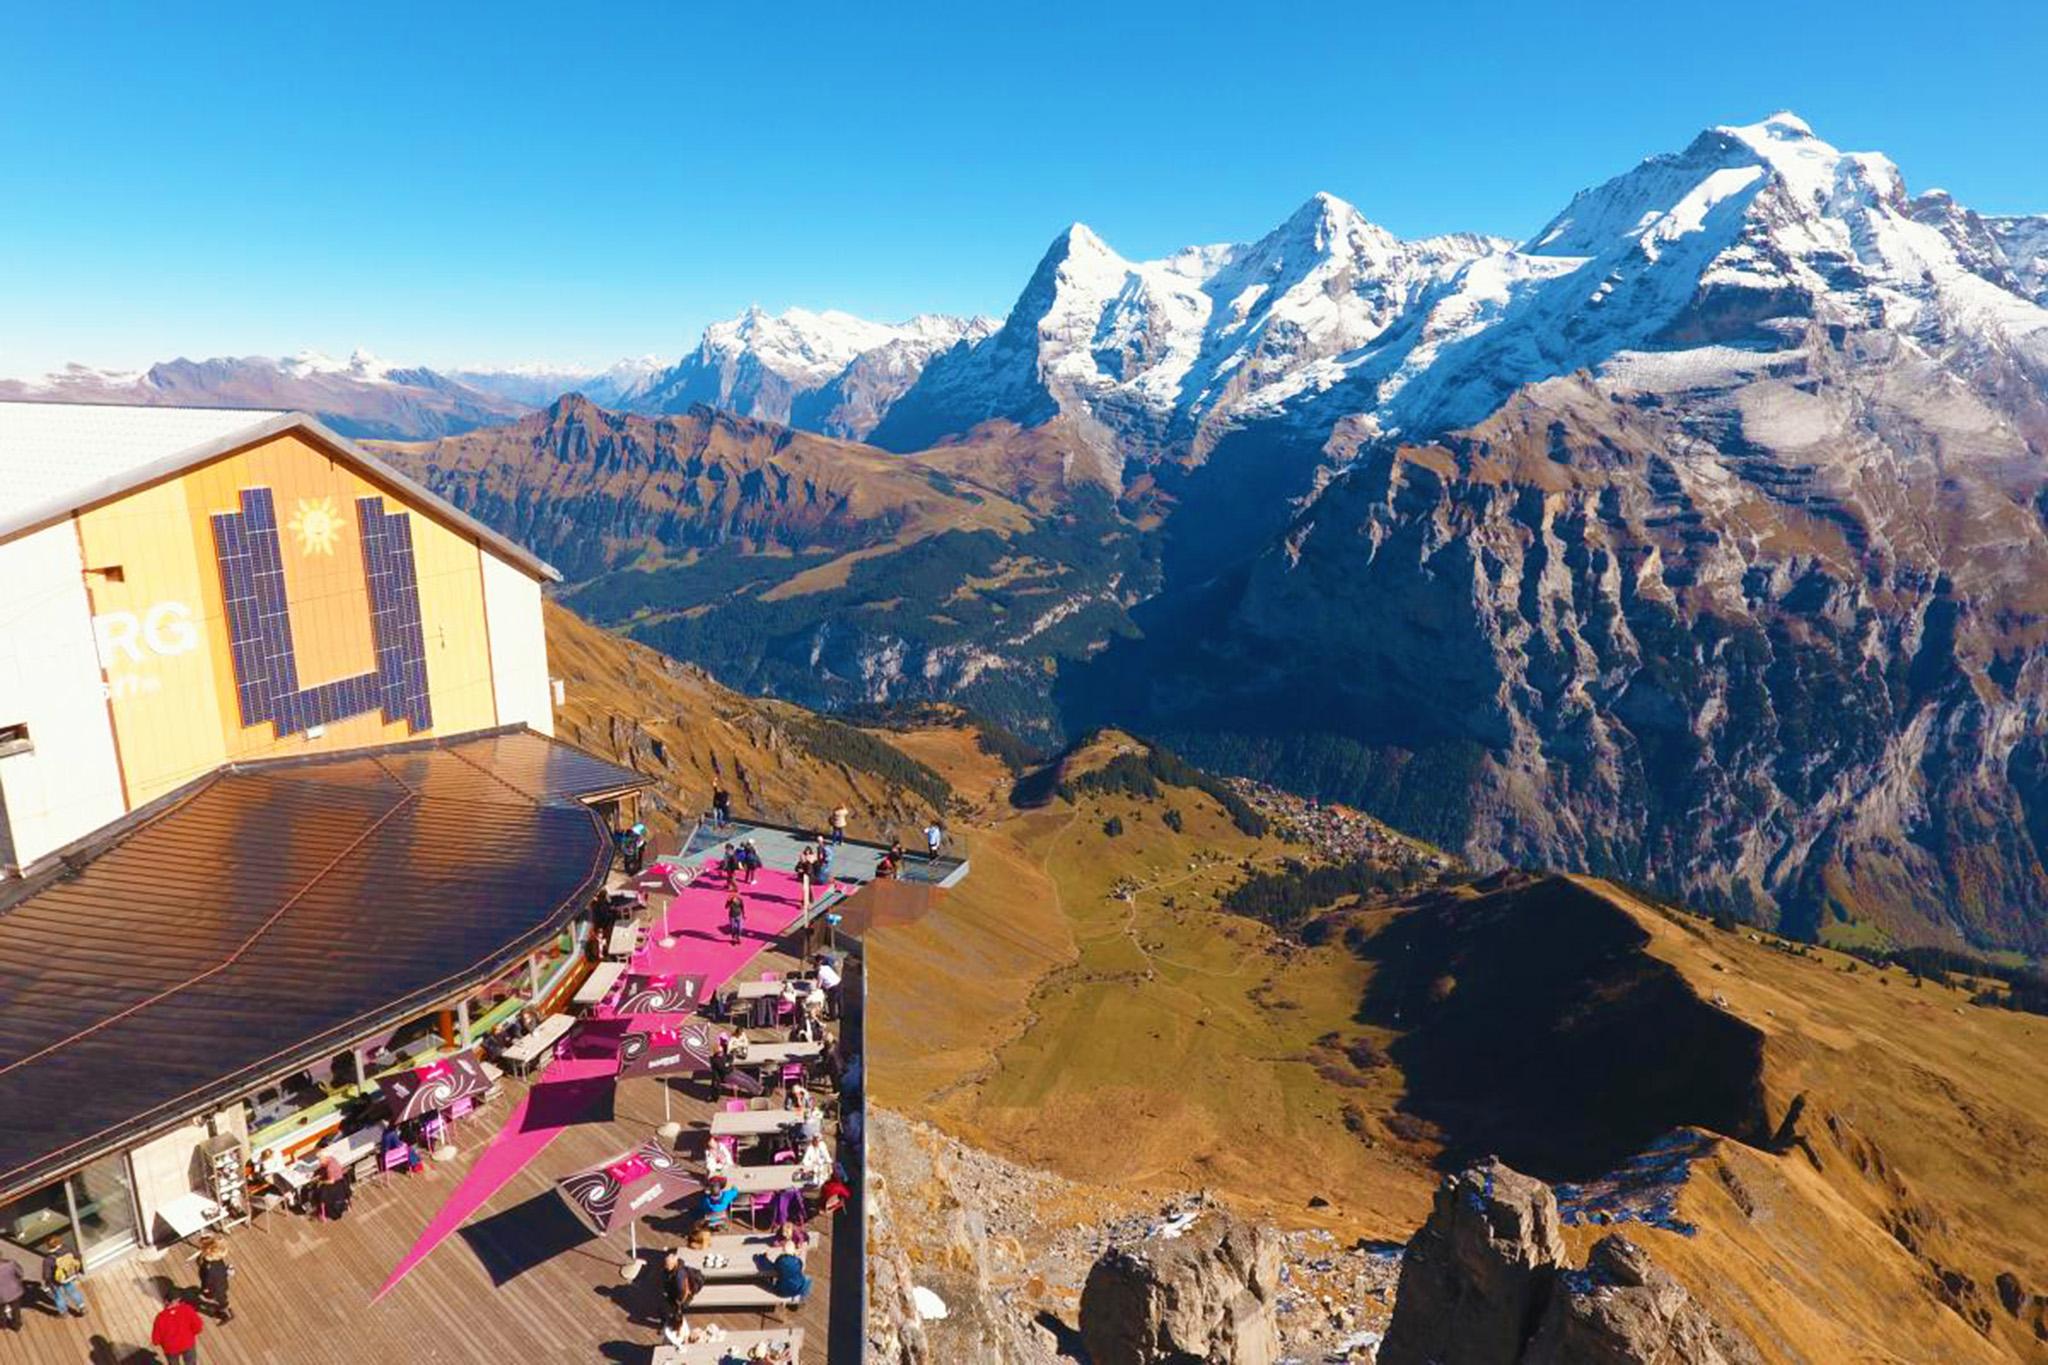 kt_2020_360_Keytours_excursions_Swisstours_interlaken_schilthorn7_2048_10